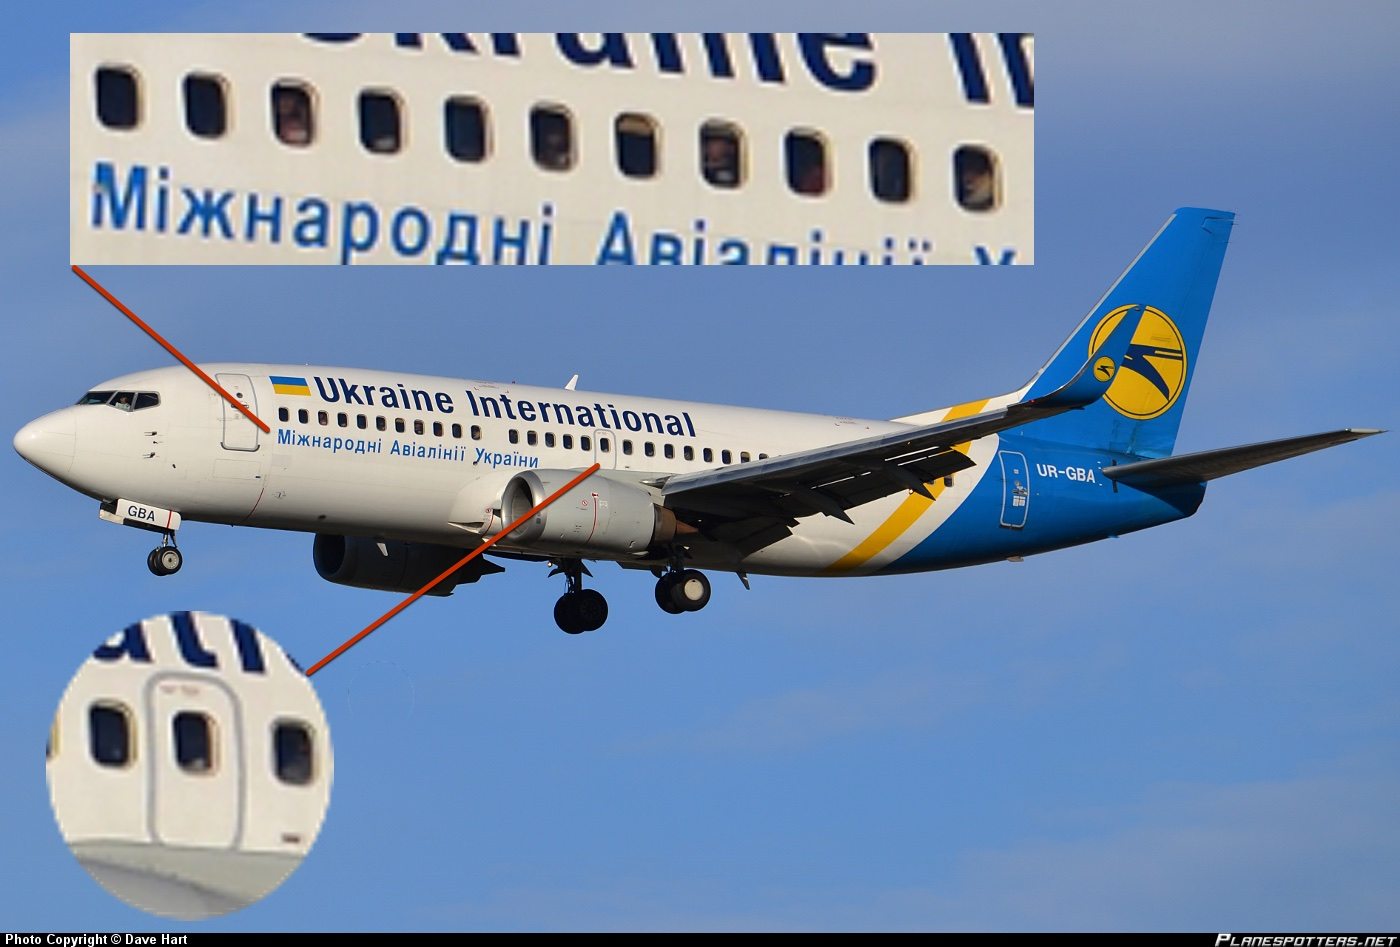 У 737-300 один аварийный выход на крыло с каждой стороны и 10 или 11 иллюминаторов в начале салона.